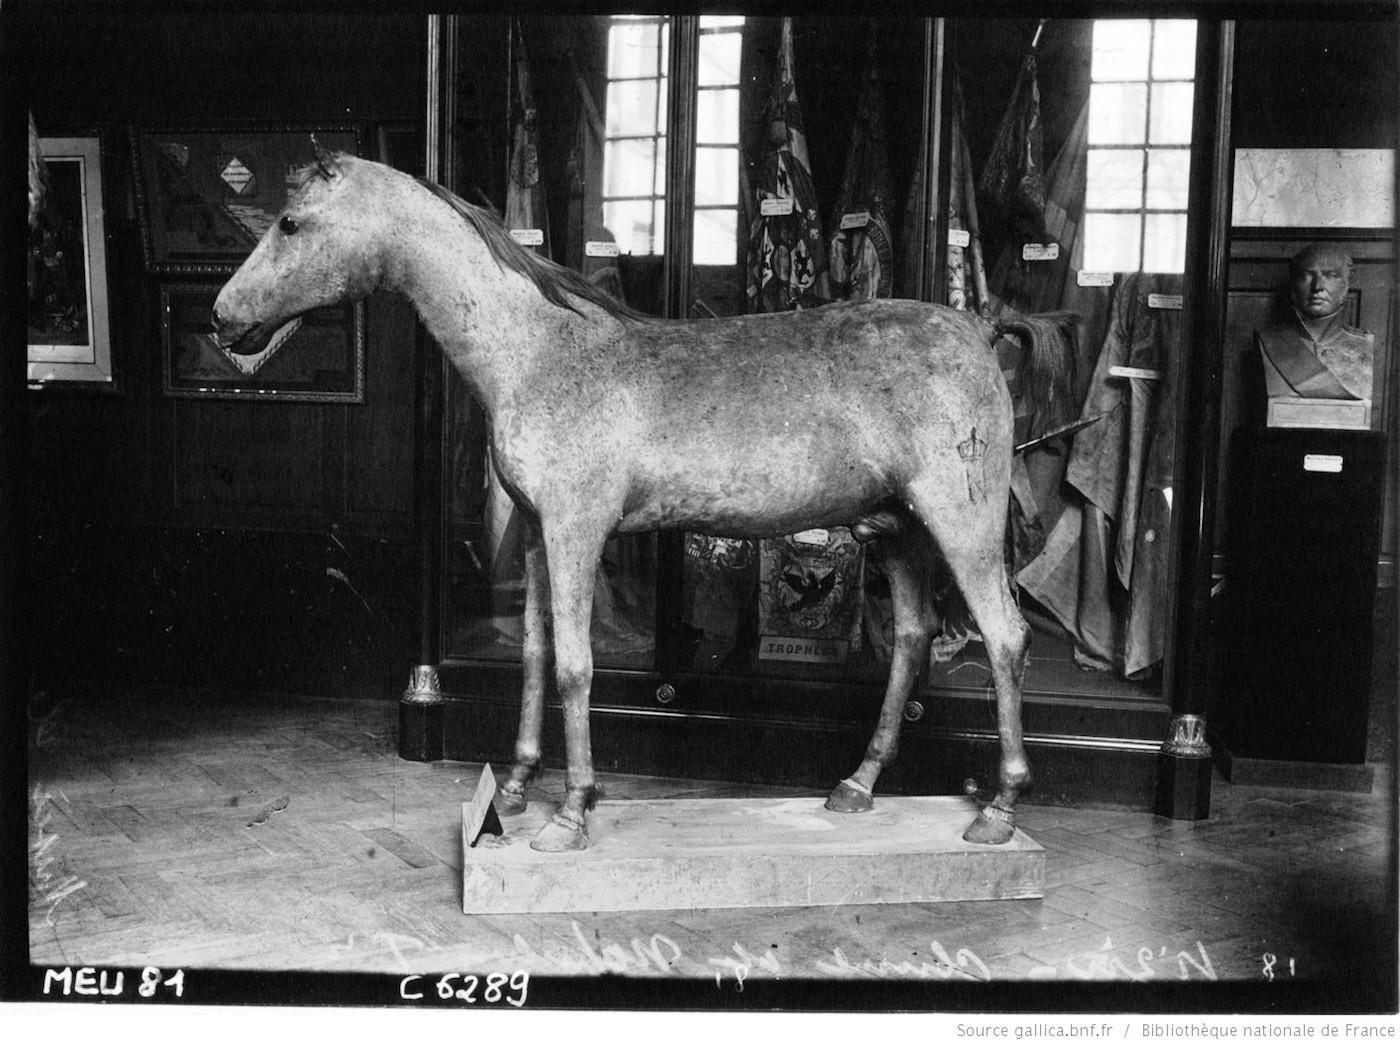 Le Vizir in the Musée de l'Armée in 1909 (via Agence de presse Meurisse/BnF Gallica)